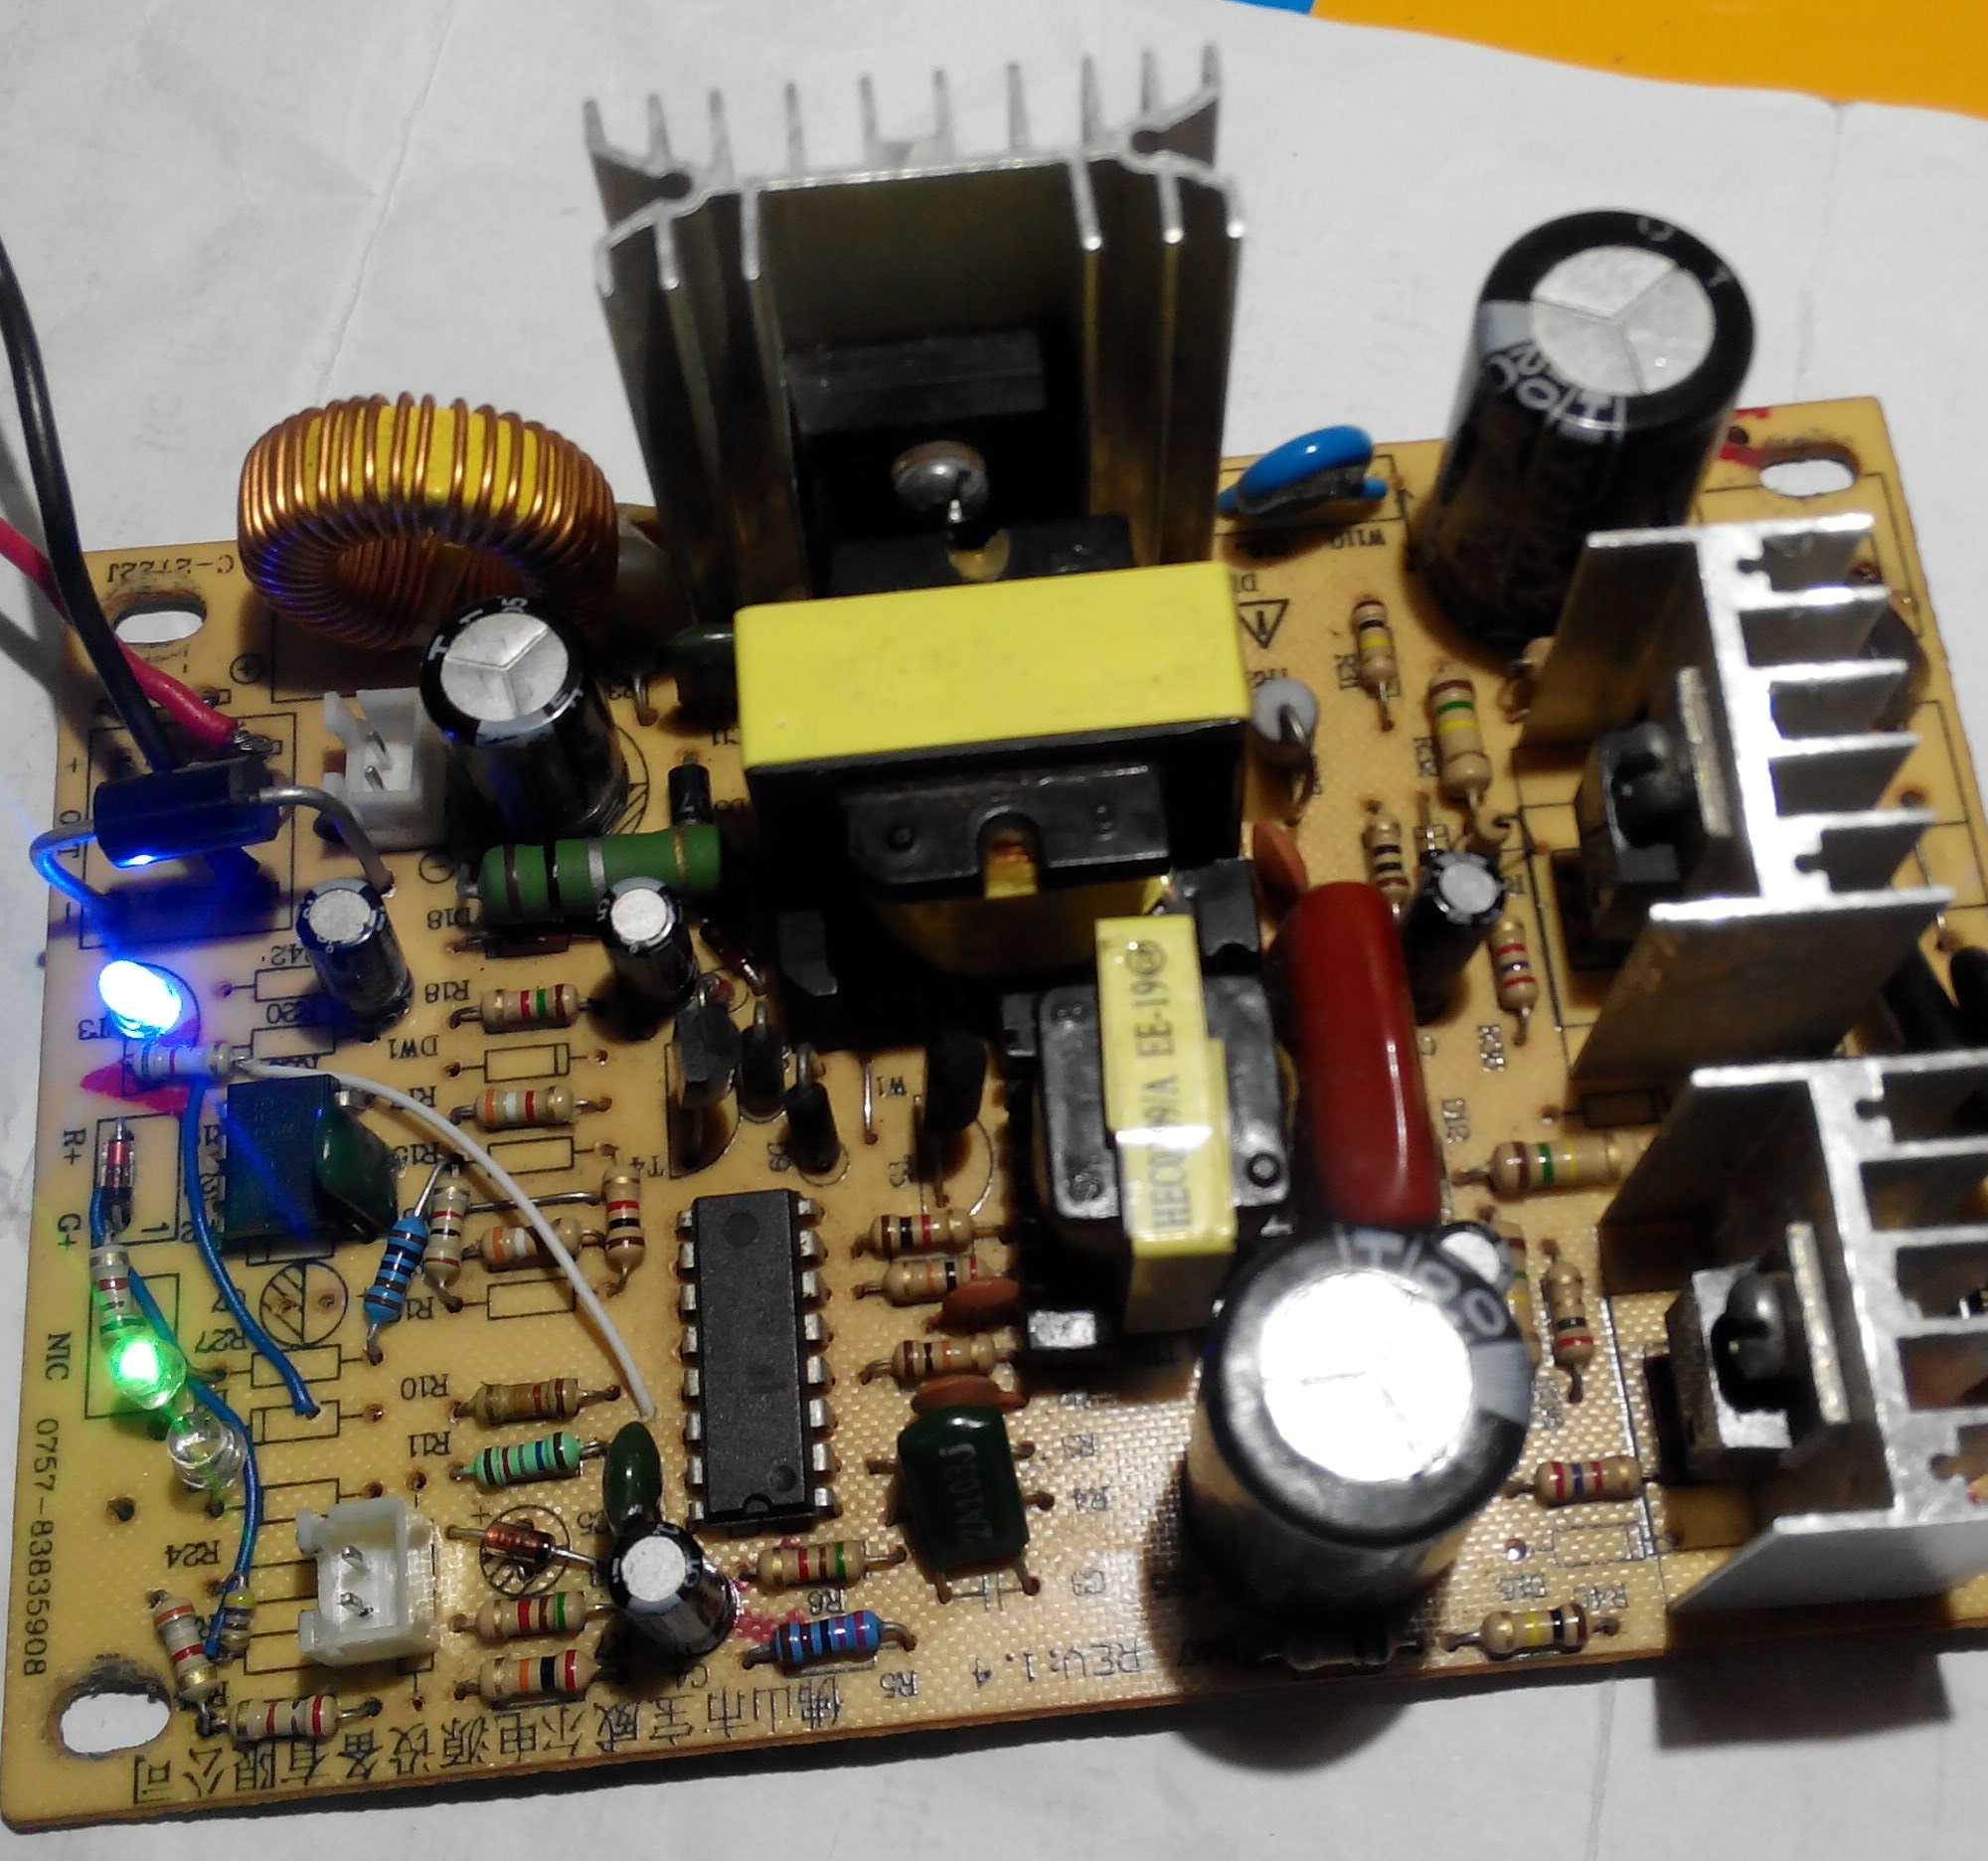 我想利用温控电阻来控制开停不知道行不行,好像和ATX电源PS-ON控制电路原理差不多,温控探头是超过1.75V是停止工作,我想电源输出端和温控探头接个电阻,电源输出端输出14V时让温控探头端达到1.75V,低于14V时温控探头端就低于1.75V,